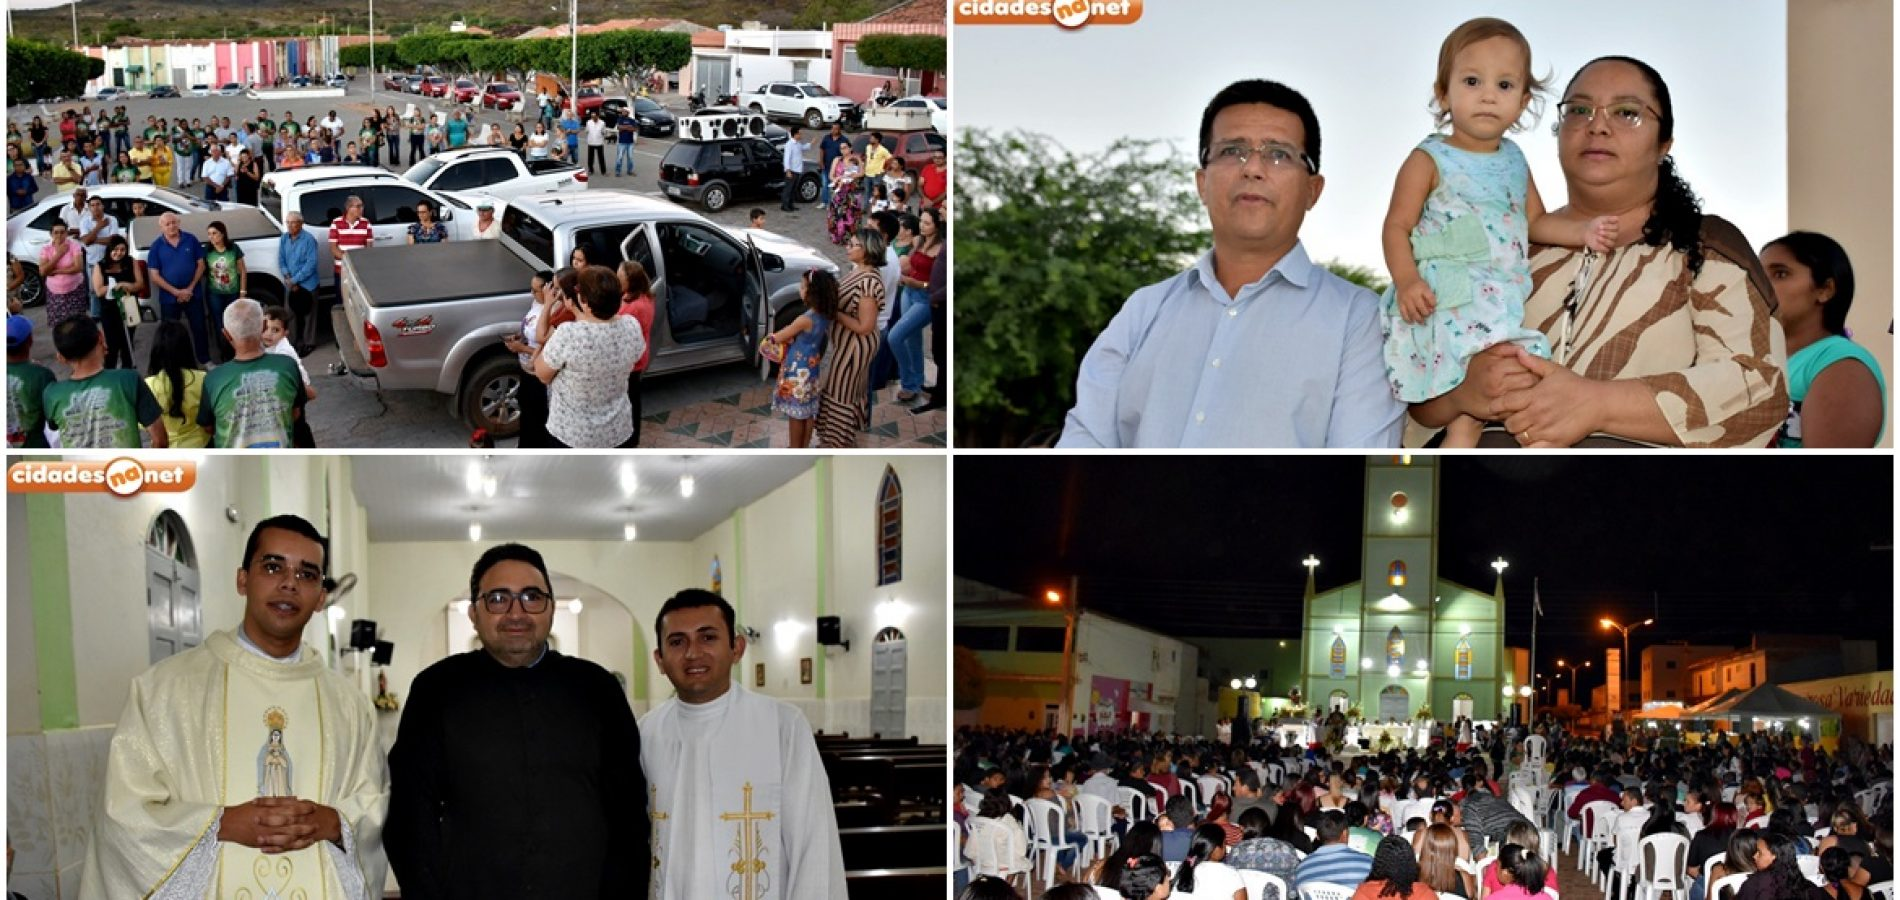 Carreata partindo de Caldeirão Grande e missa abrem o 54º festejo de São Cristóvão, padroeiro de Marcolândia